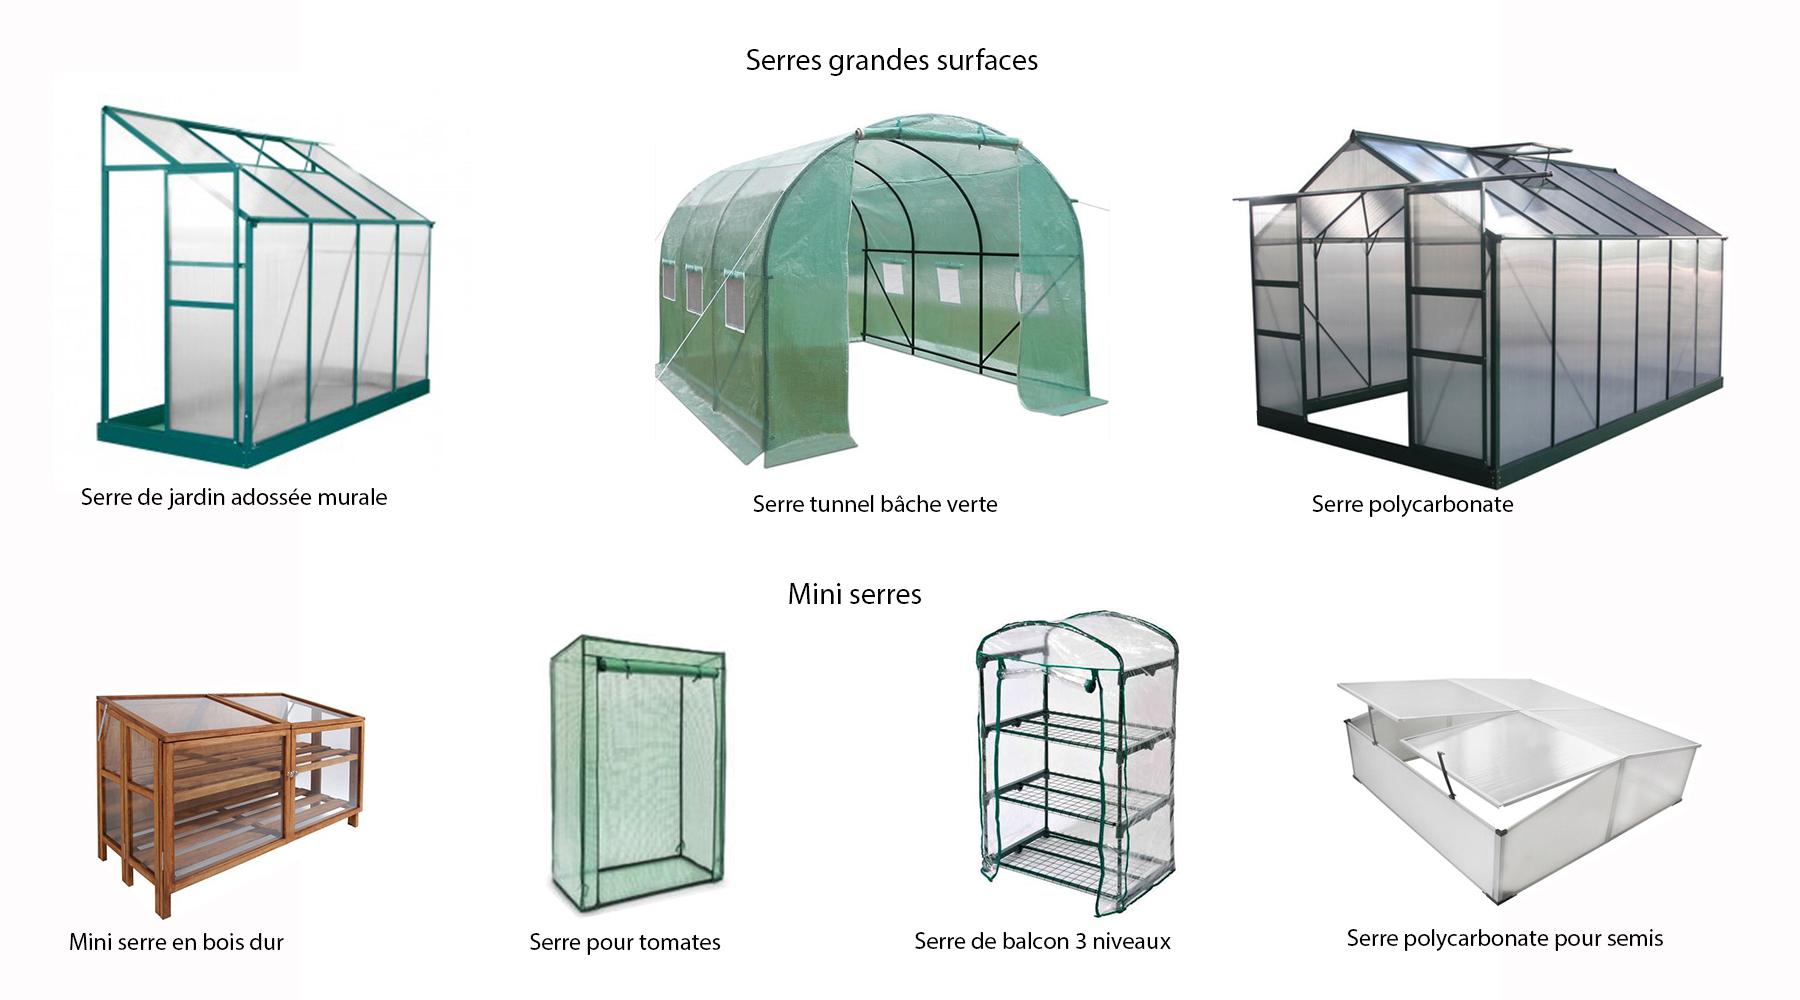 Comment Choisir Sa Serre De Jardin | Guide Complet encequiconcerne Serre De Jardin Polycarbonate Pas Cher